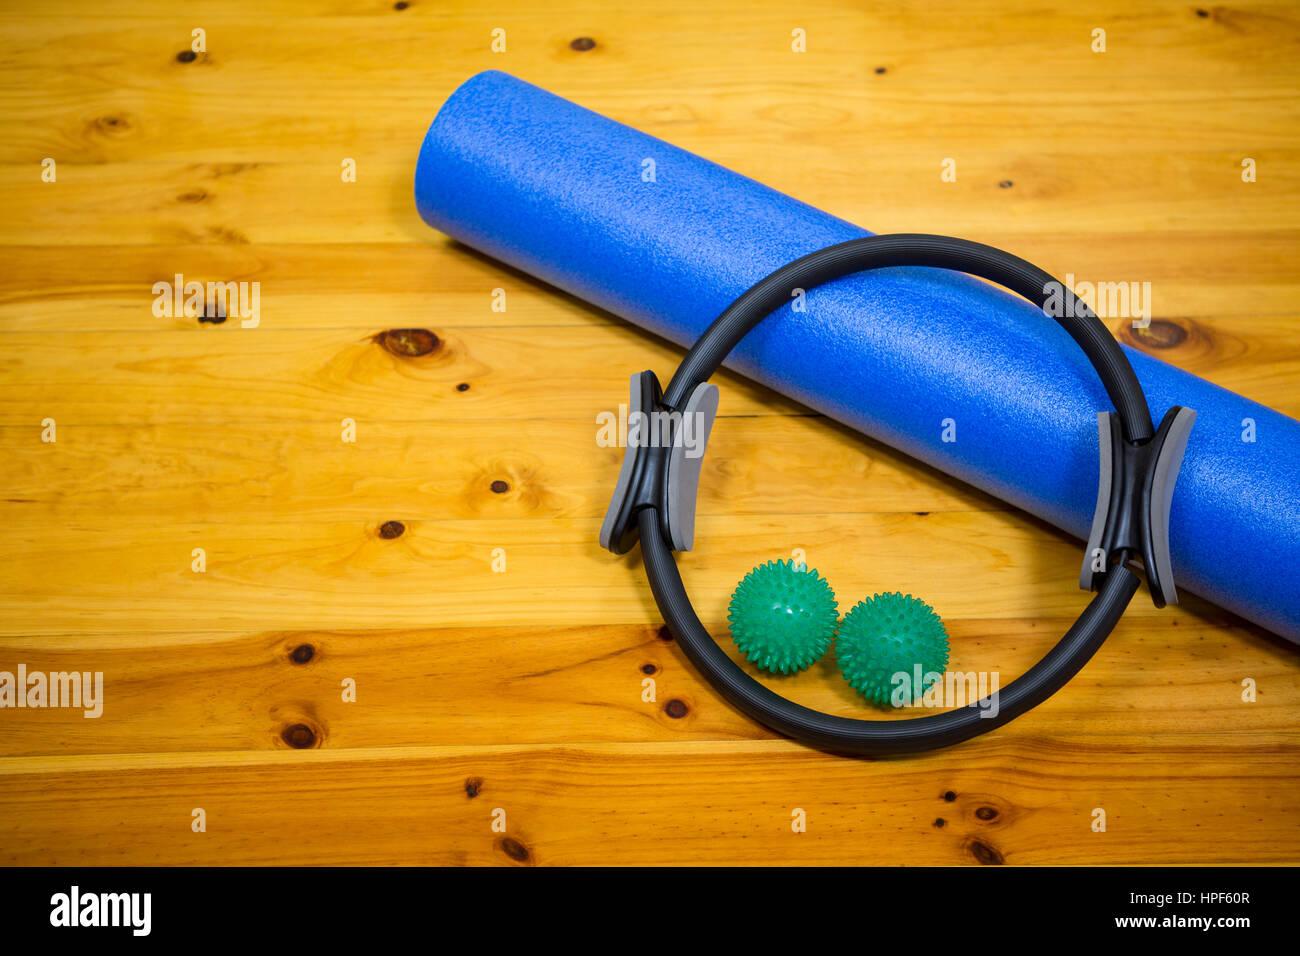 Equipamiento de ejercicio mantenido sobre un piso de madera en el centro de fitness Imagen De Stock